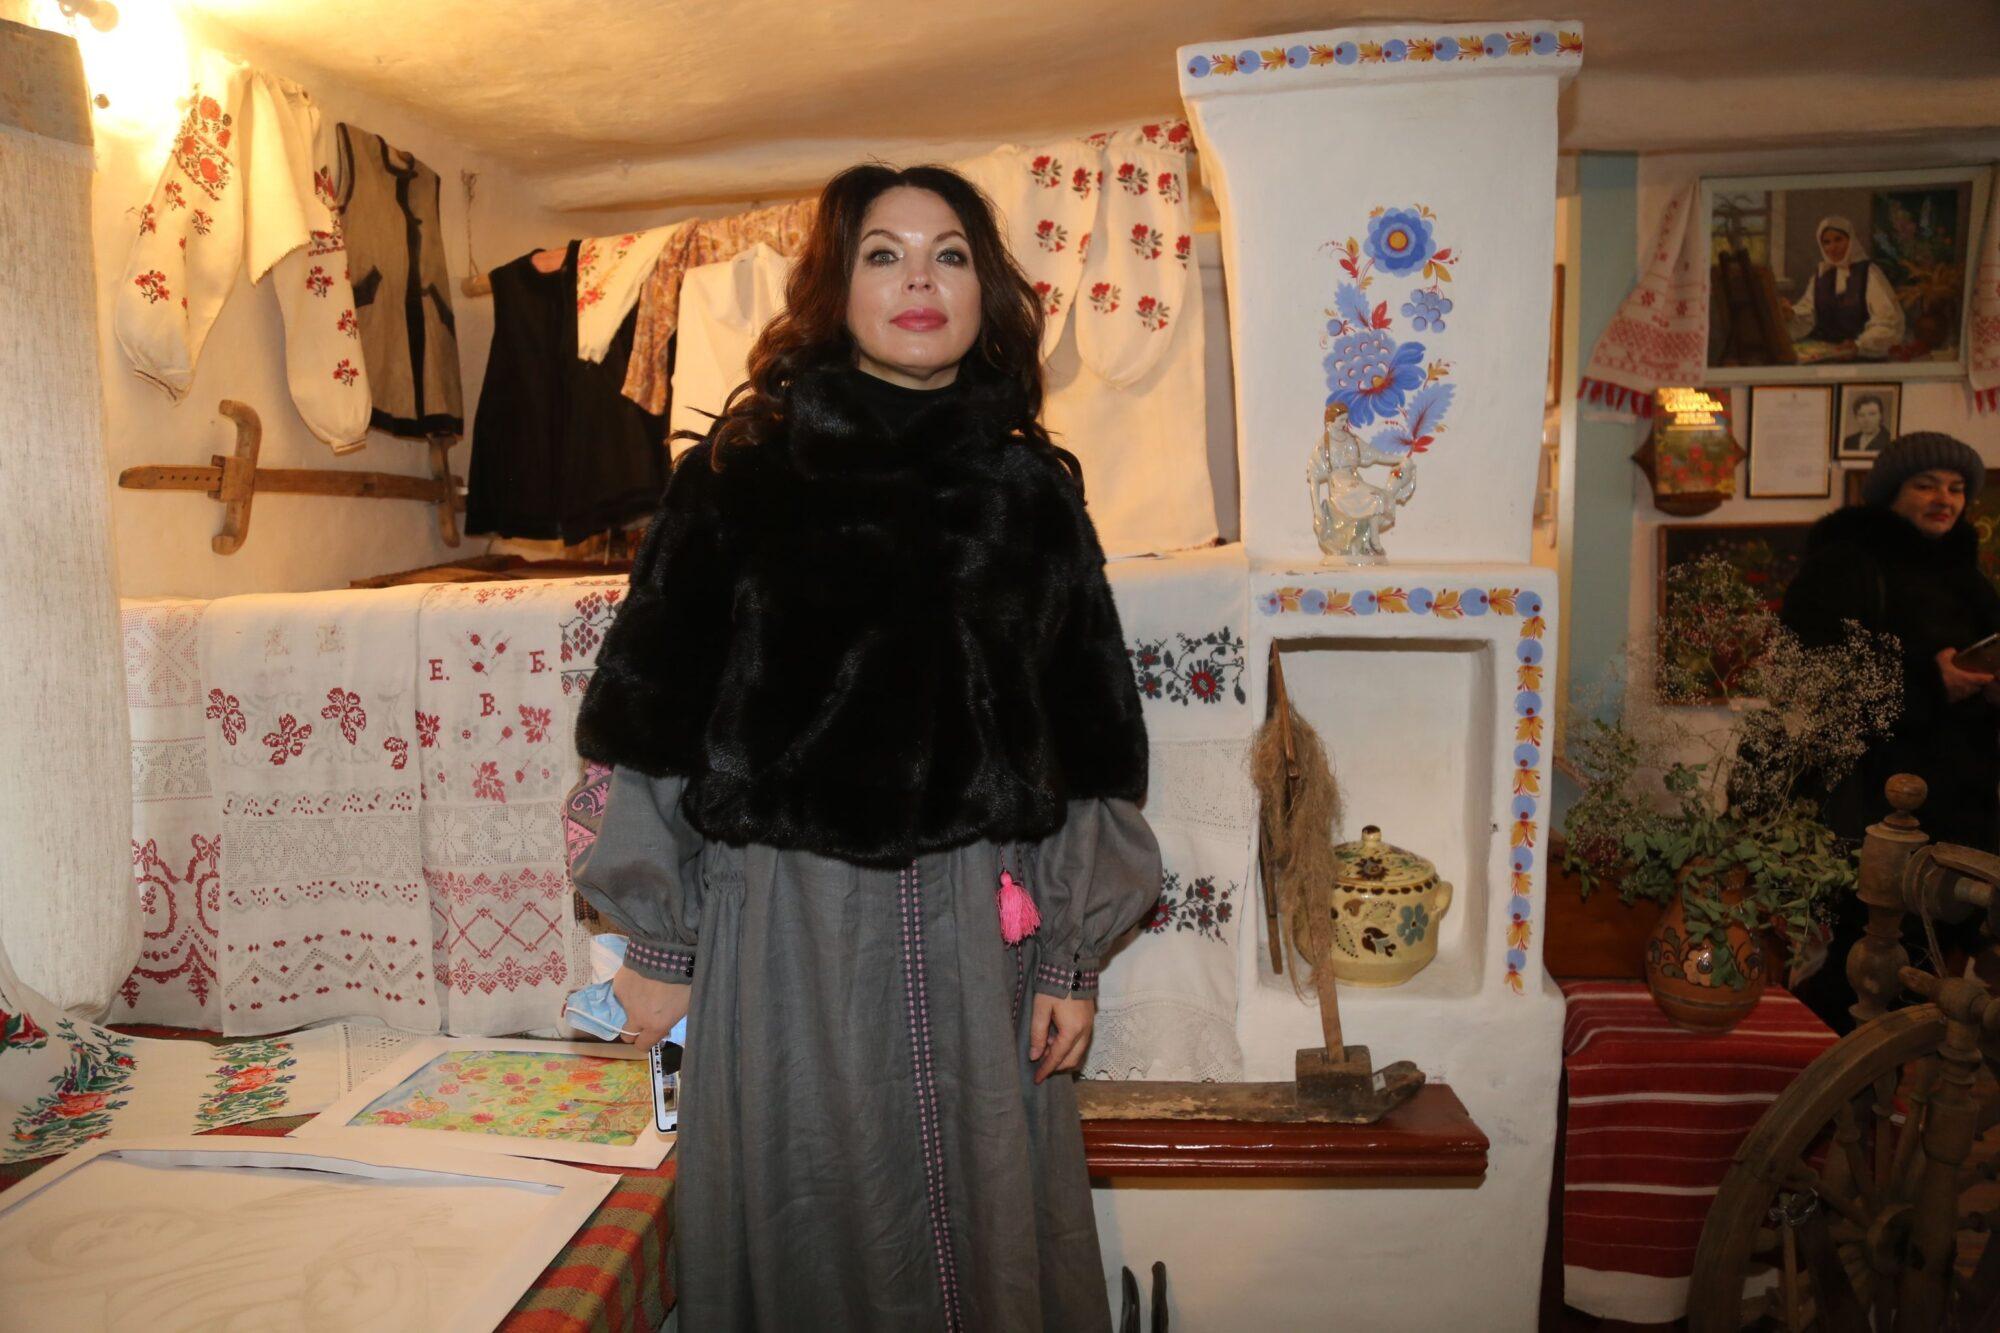 Нев'янучі квіти  Катерини Білокур - художниця, талант, національна культура, Катерина Білокур - Muz lyt1 2000x1333